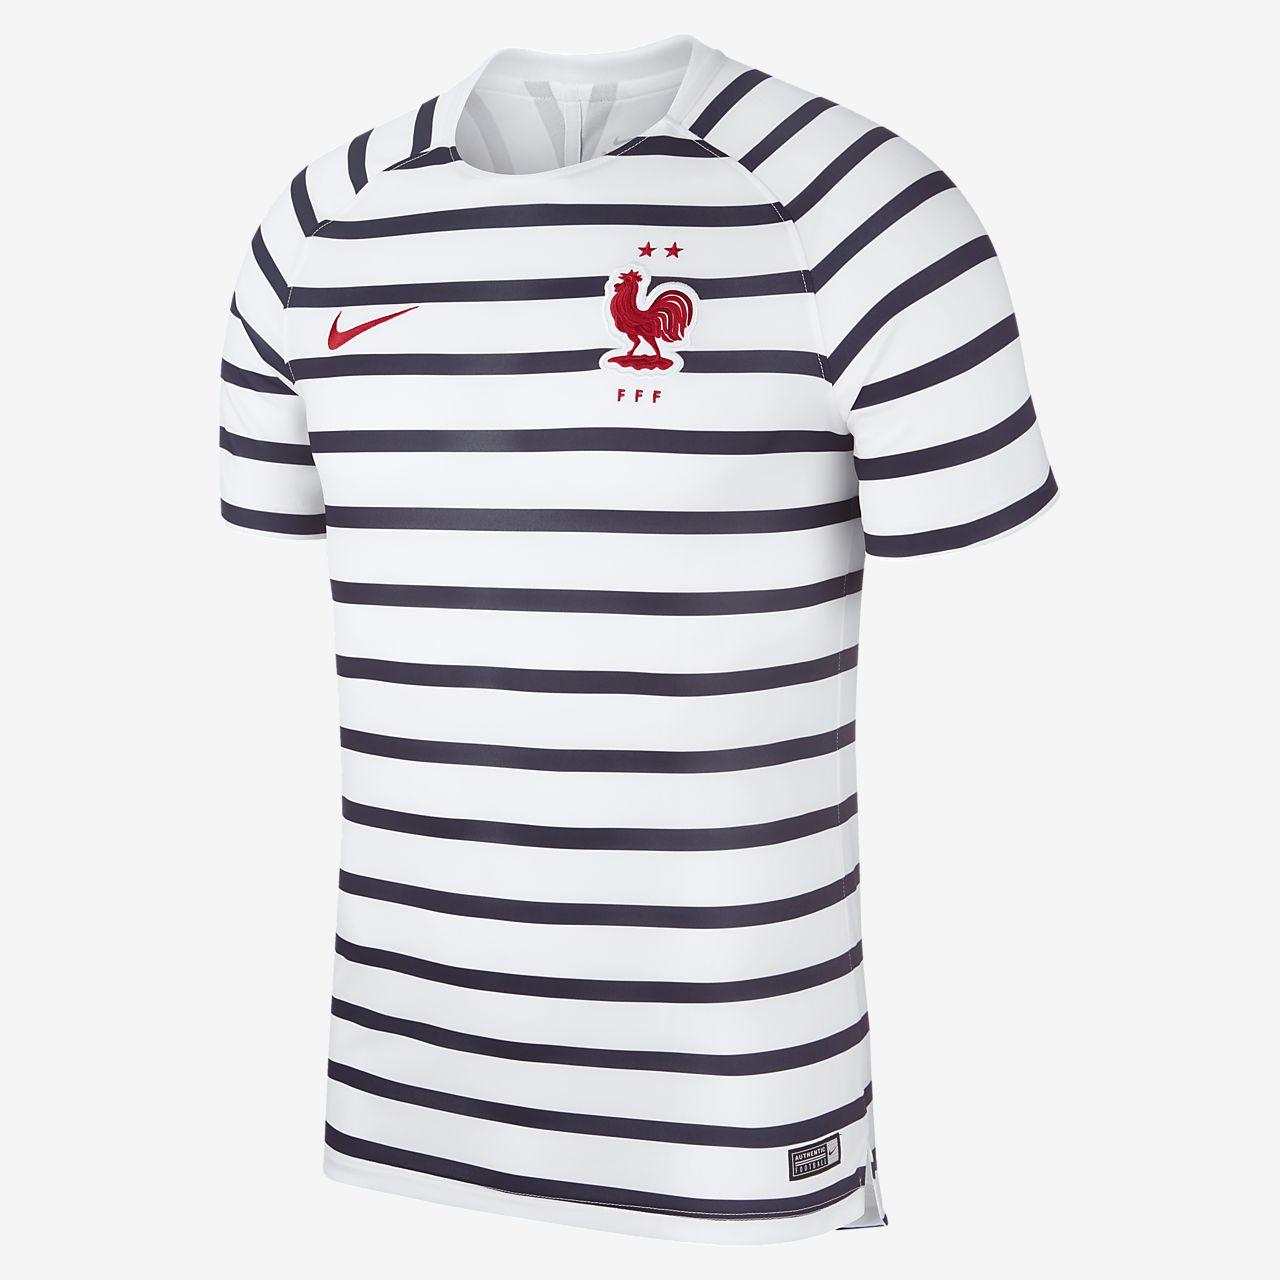 Męska koszulka piłkarska FFF Dri-FIT Squad